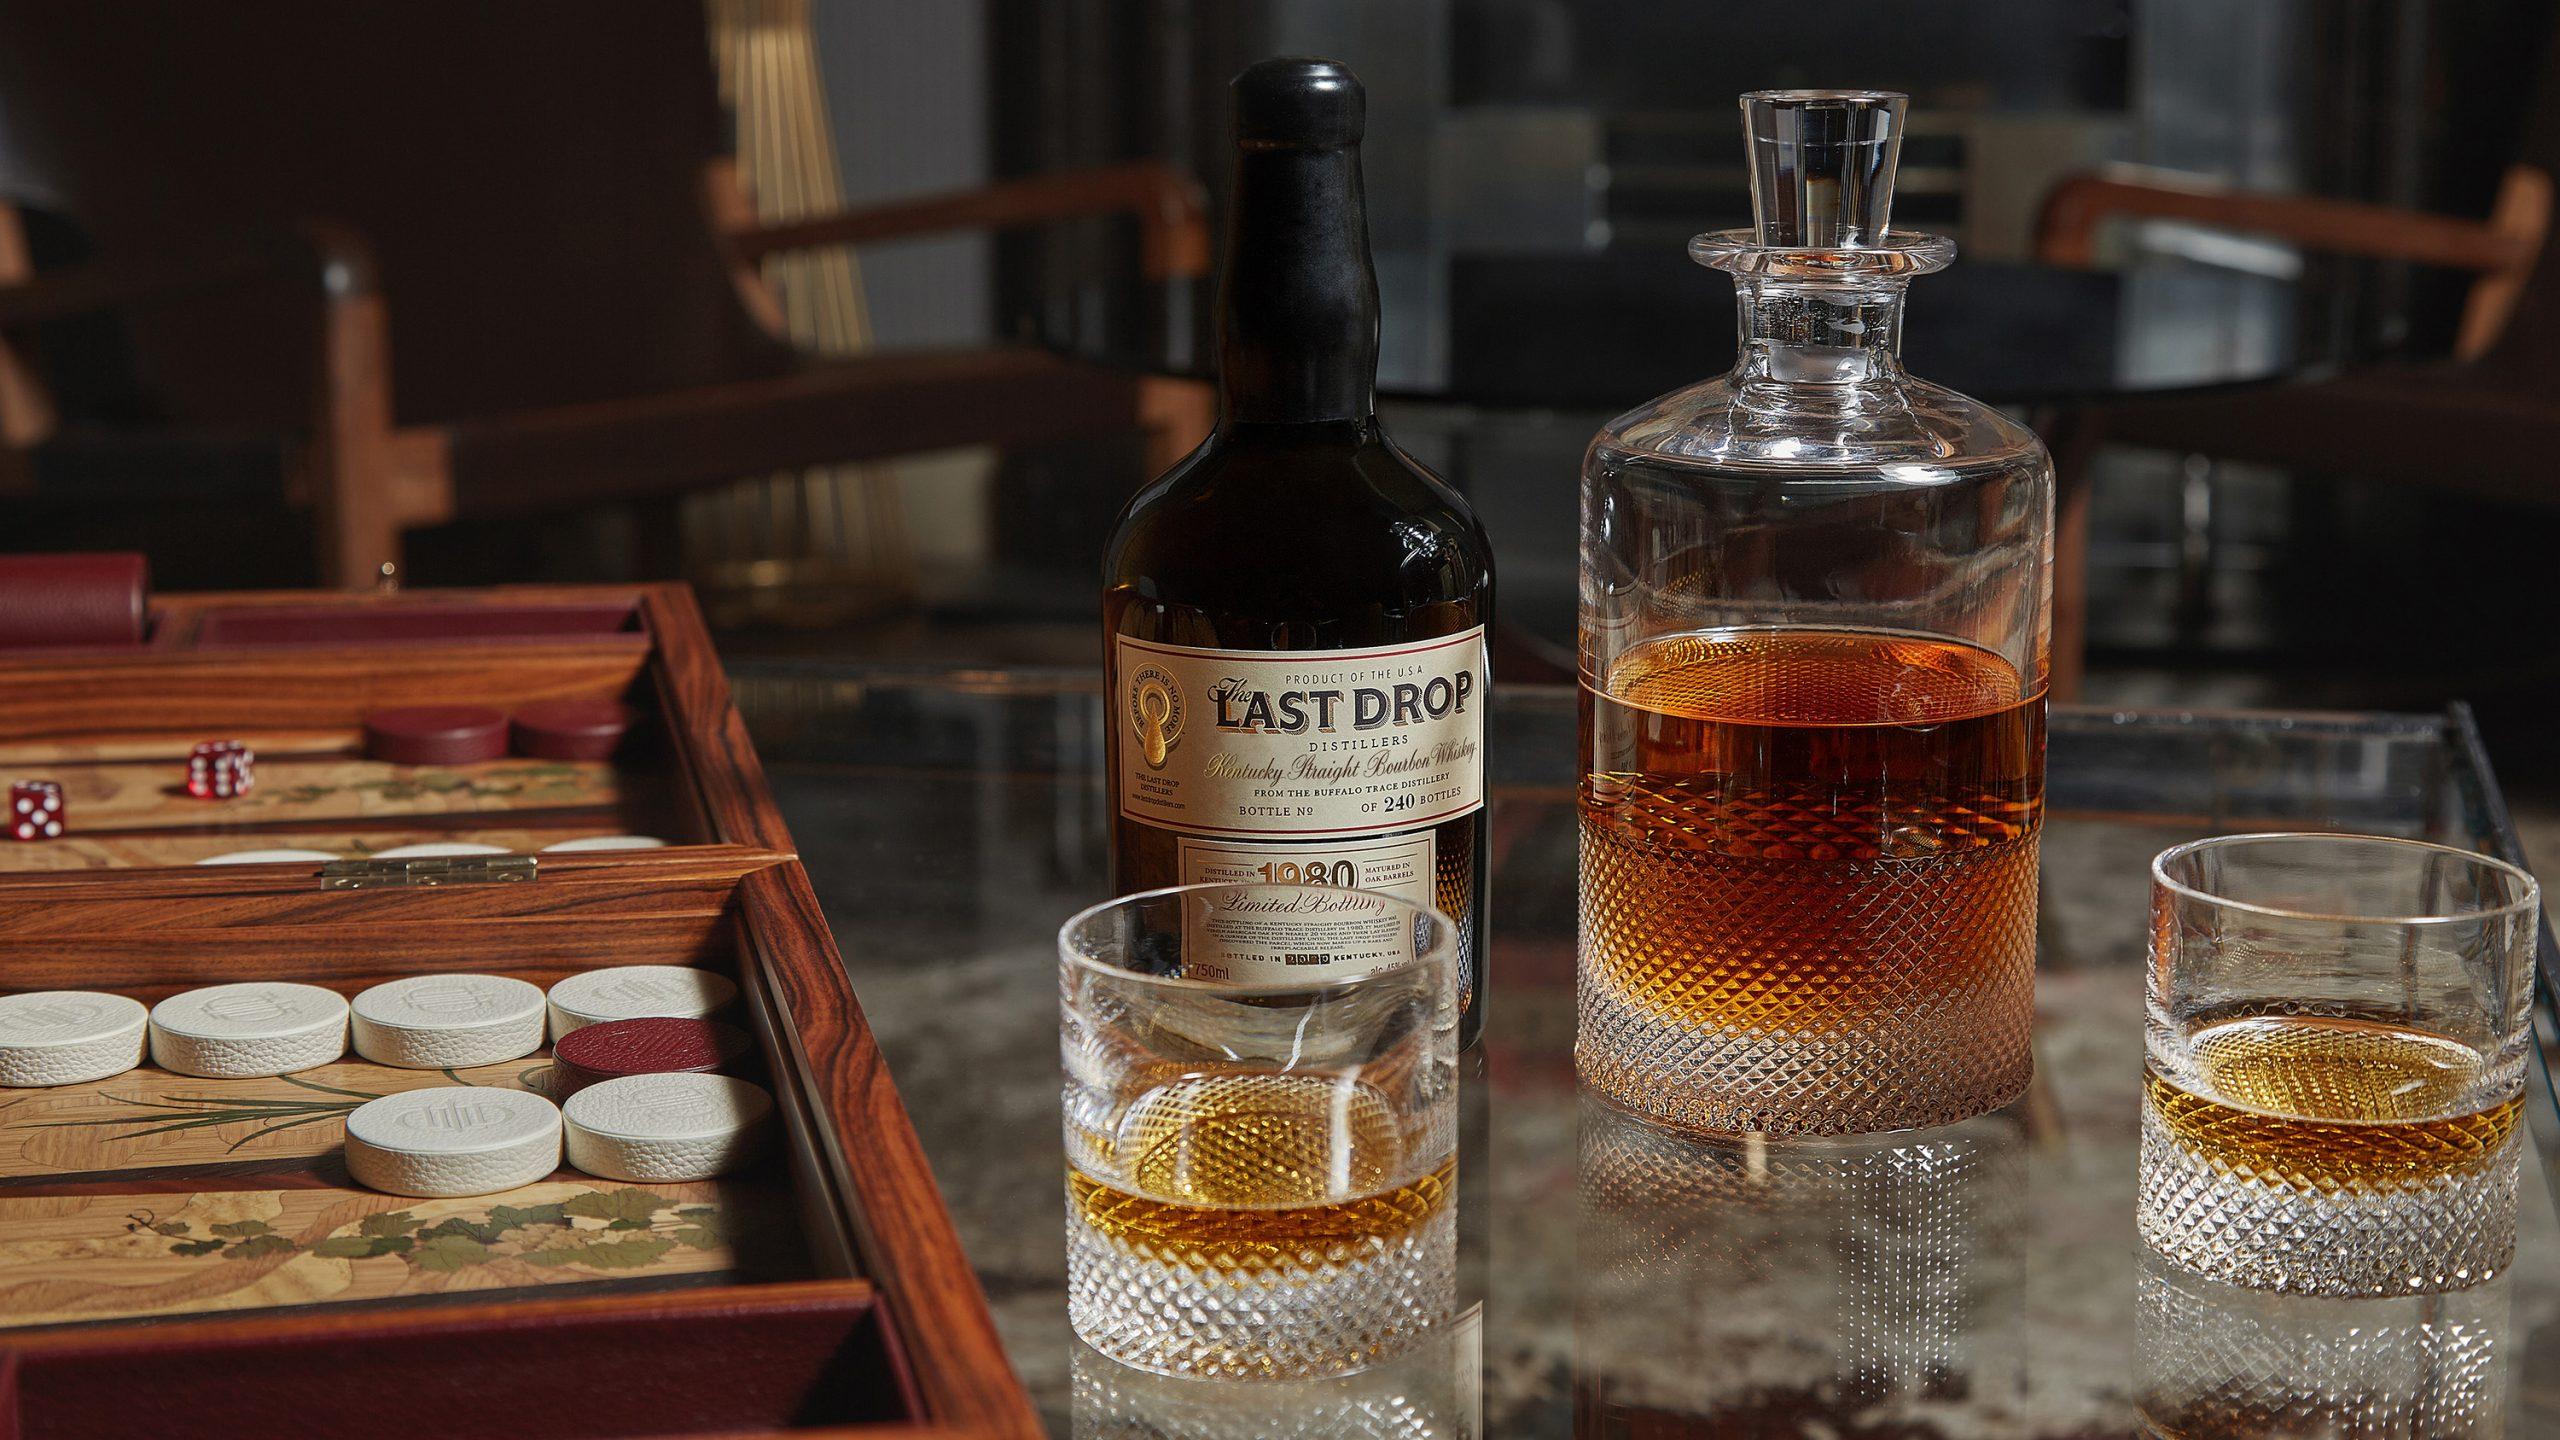 Last Drop Distillers Autumn Collection 1980 Bourbon Lifestyle